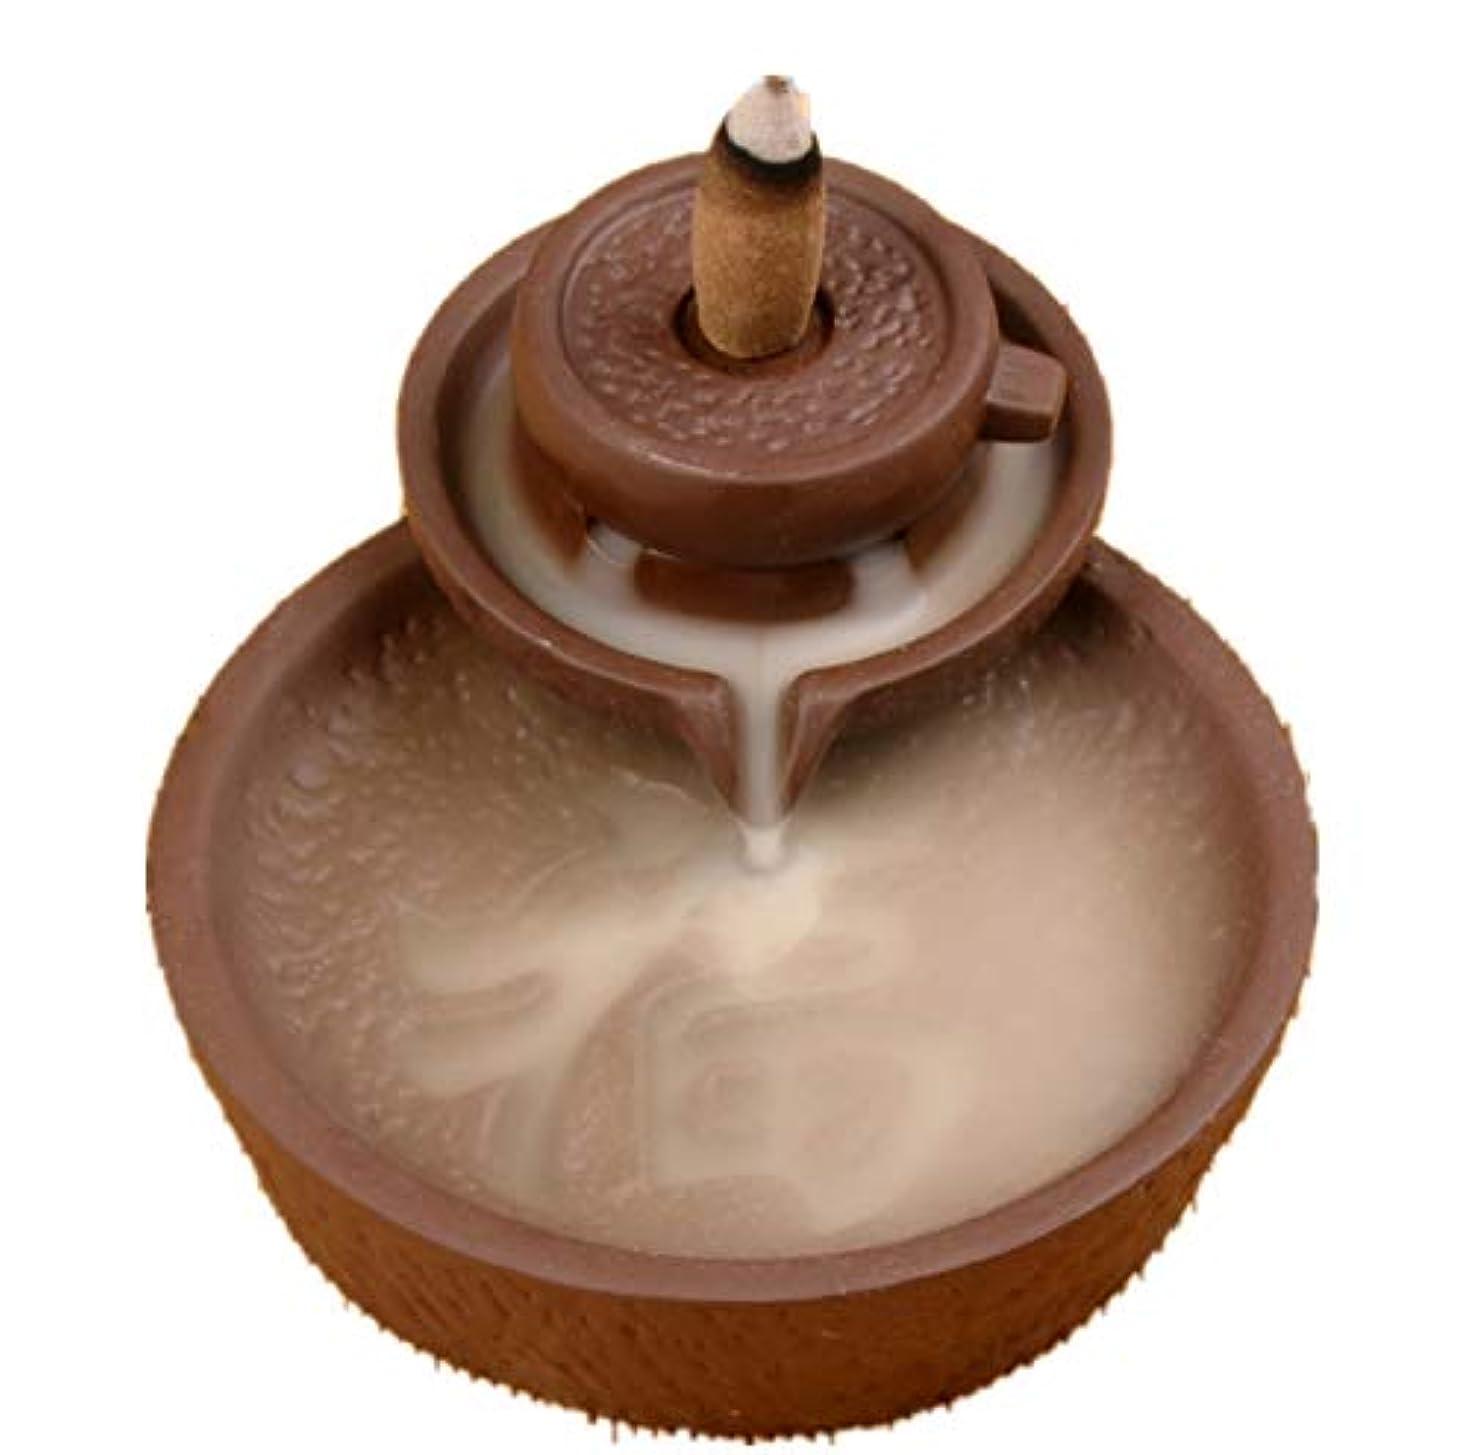 ロック解除比類のない大惨事XPPXPP Backflow Incense Burner With 10pcs Backflow Incense Cone, Home Ceramic Backflow Incense Cone Holder Burner